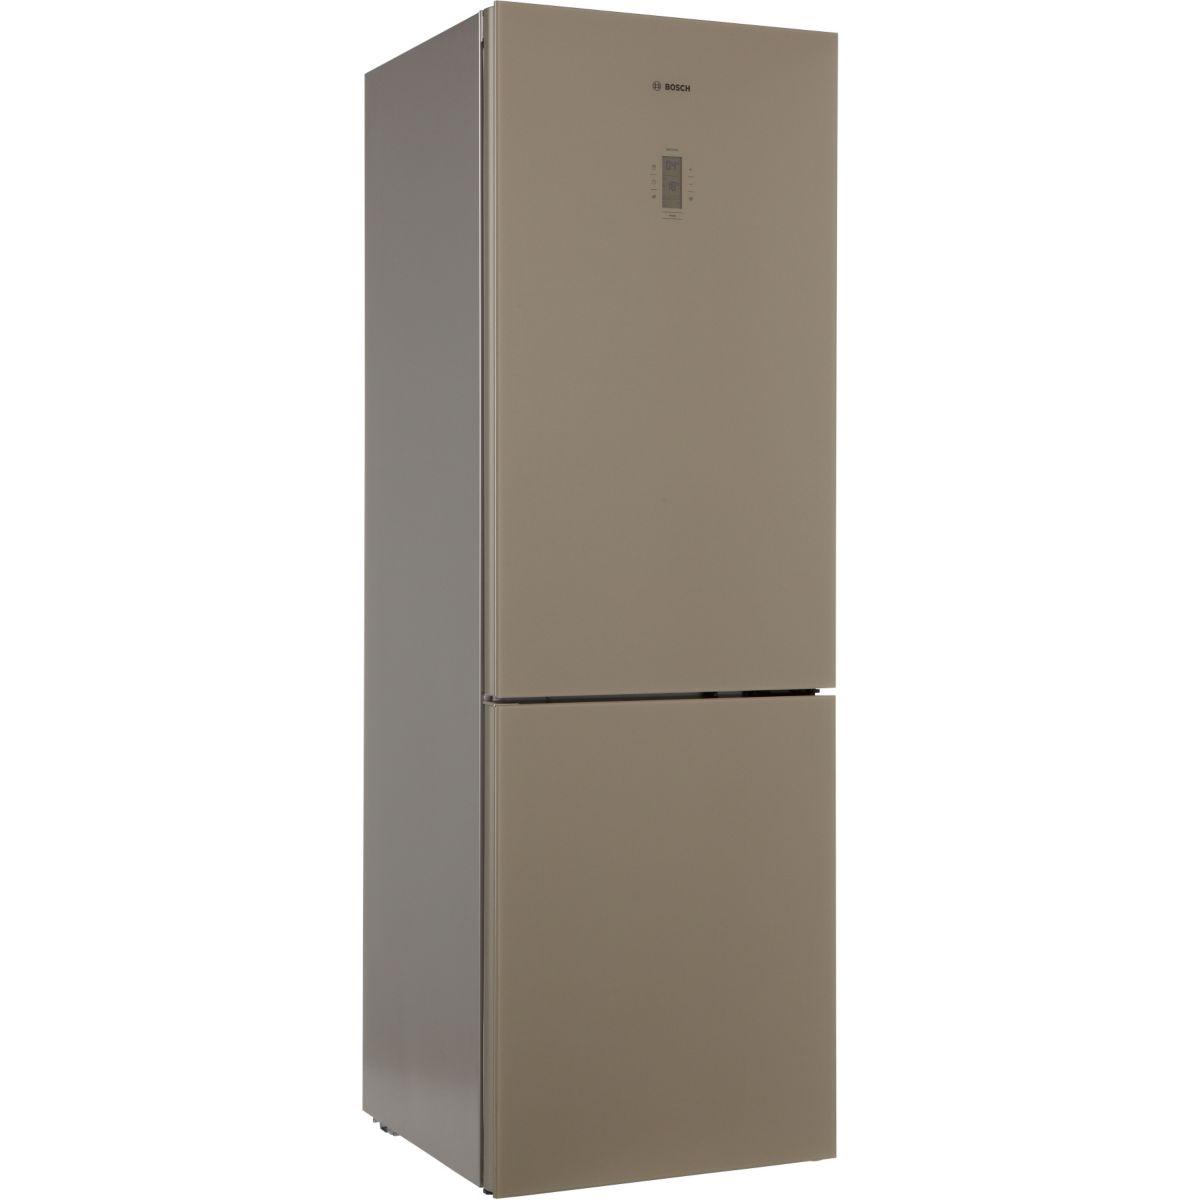 bosch kgn36sq31 r frig rateur combin comparer avec. Black Bedroom Furniture Sets. Home Design Ideas